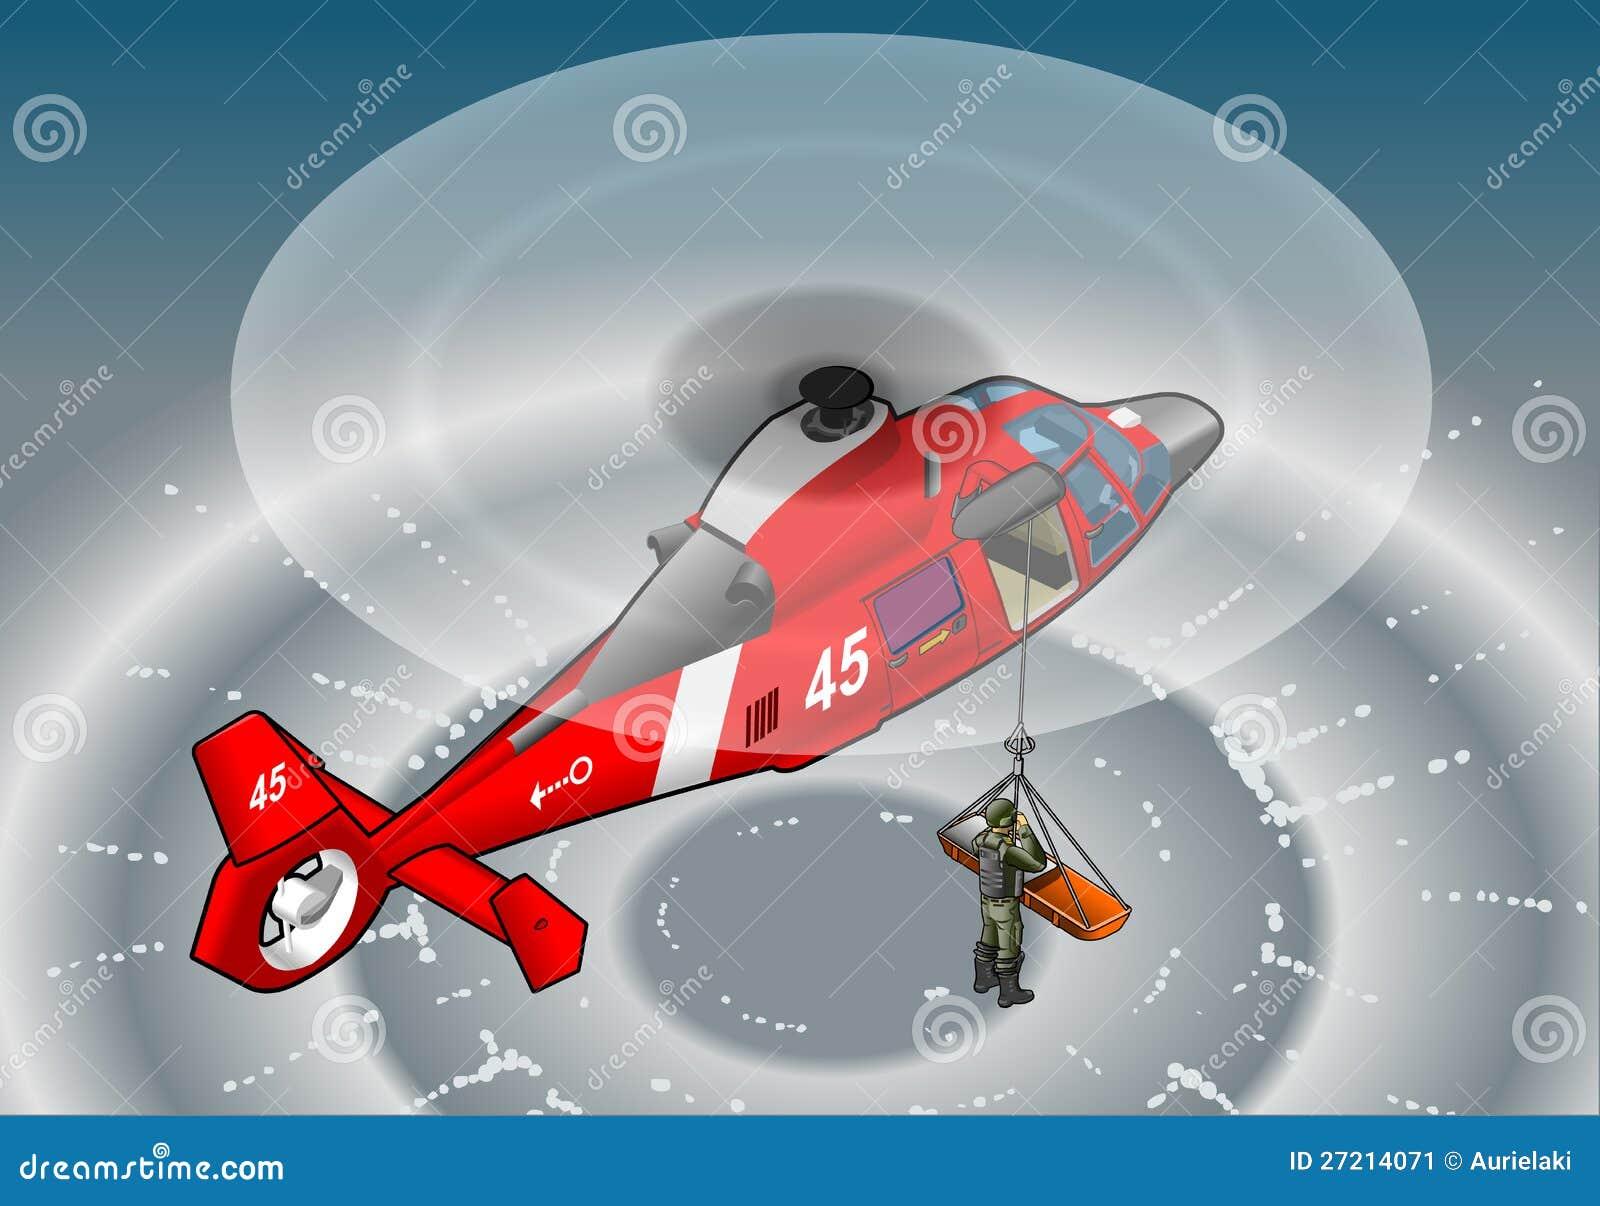 Helicóptero rojo isométrico en vuelo en rescate